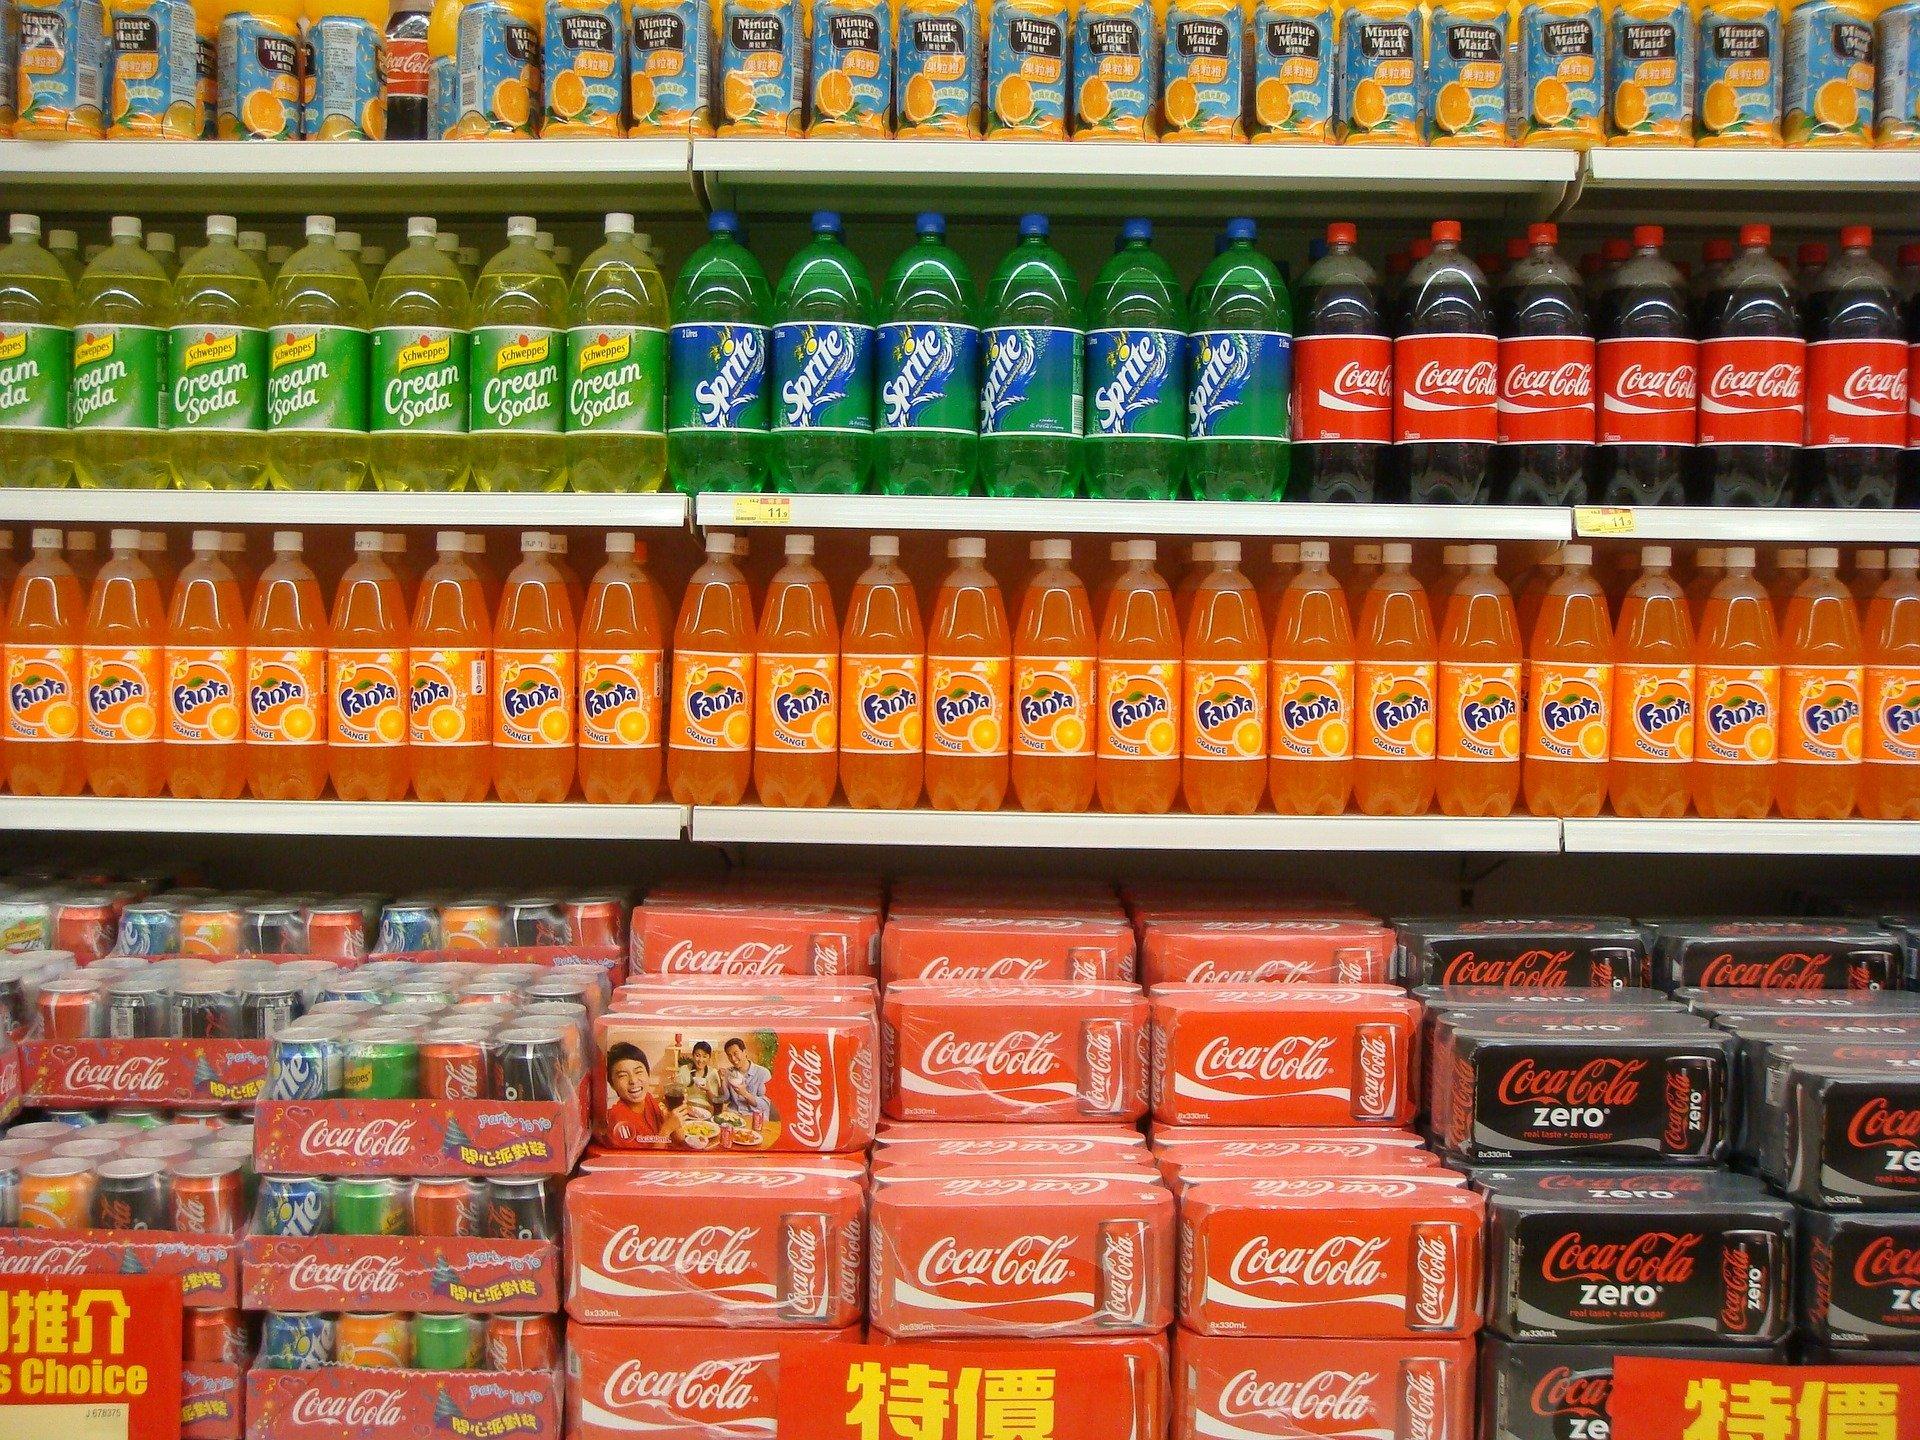 réduire les boissons sucrées